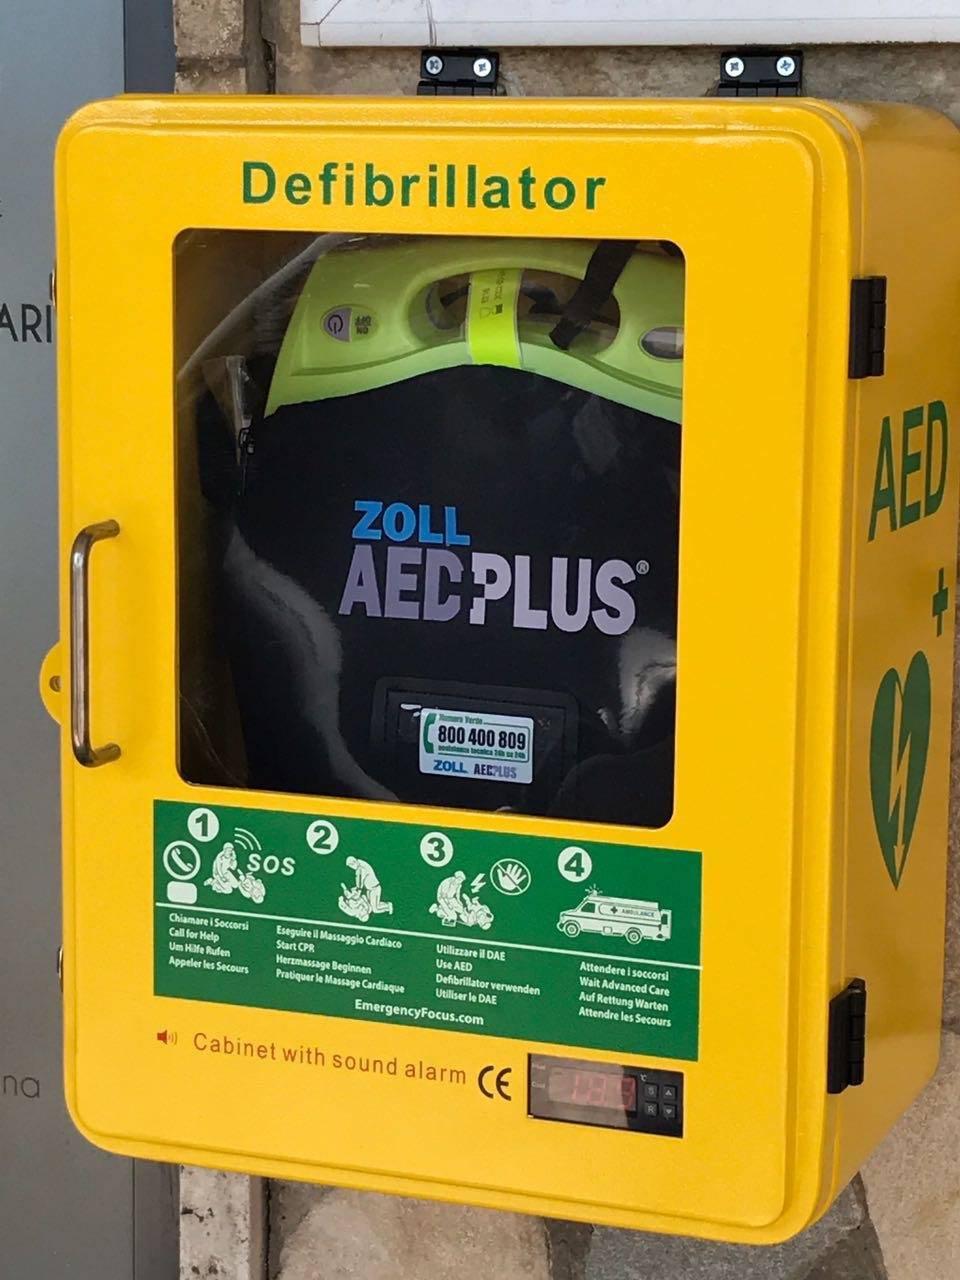 farmacia della concordia defibrillatore